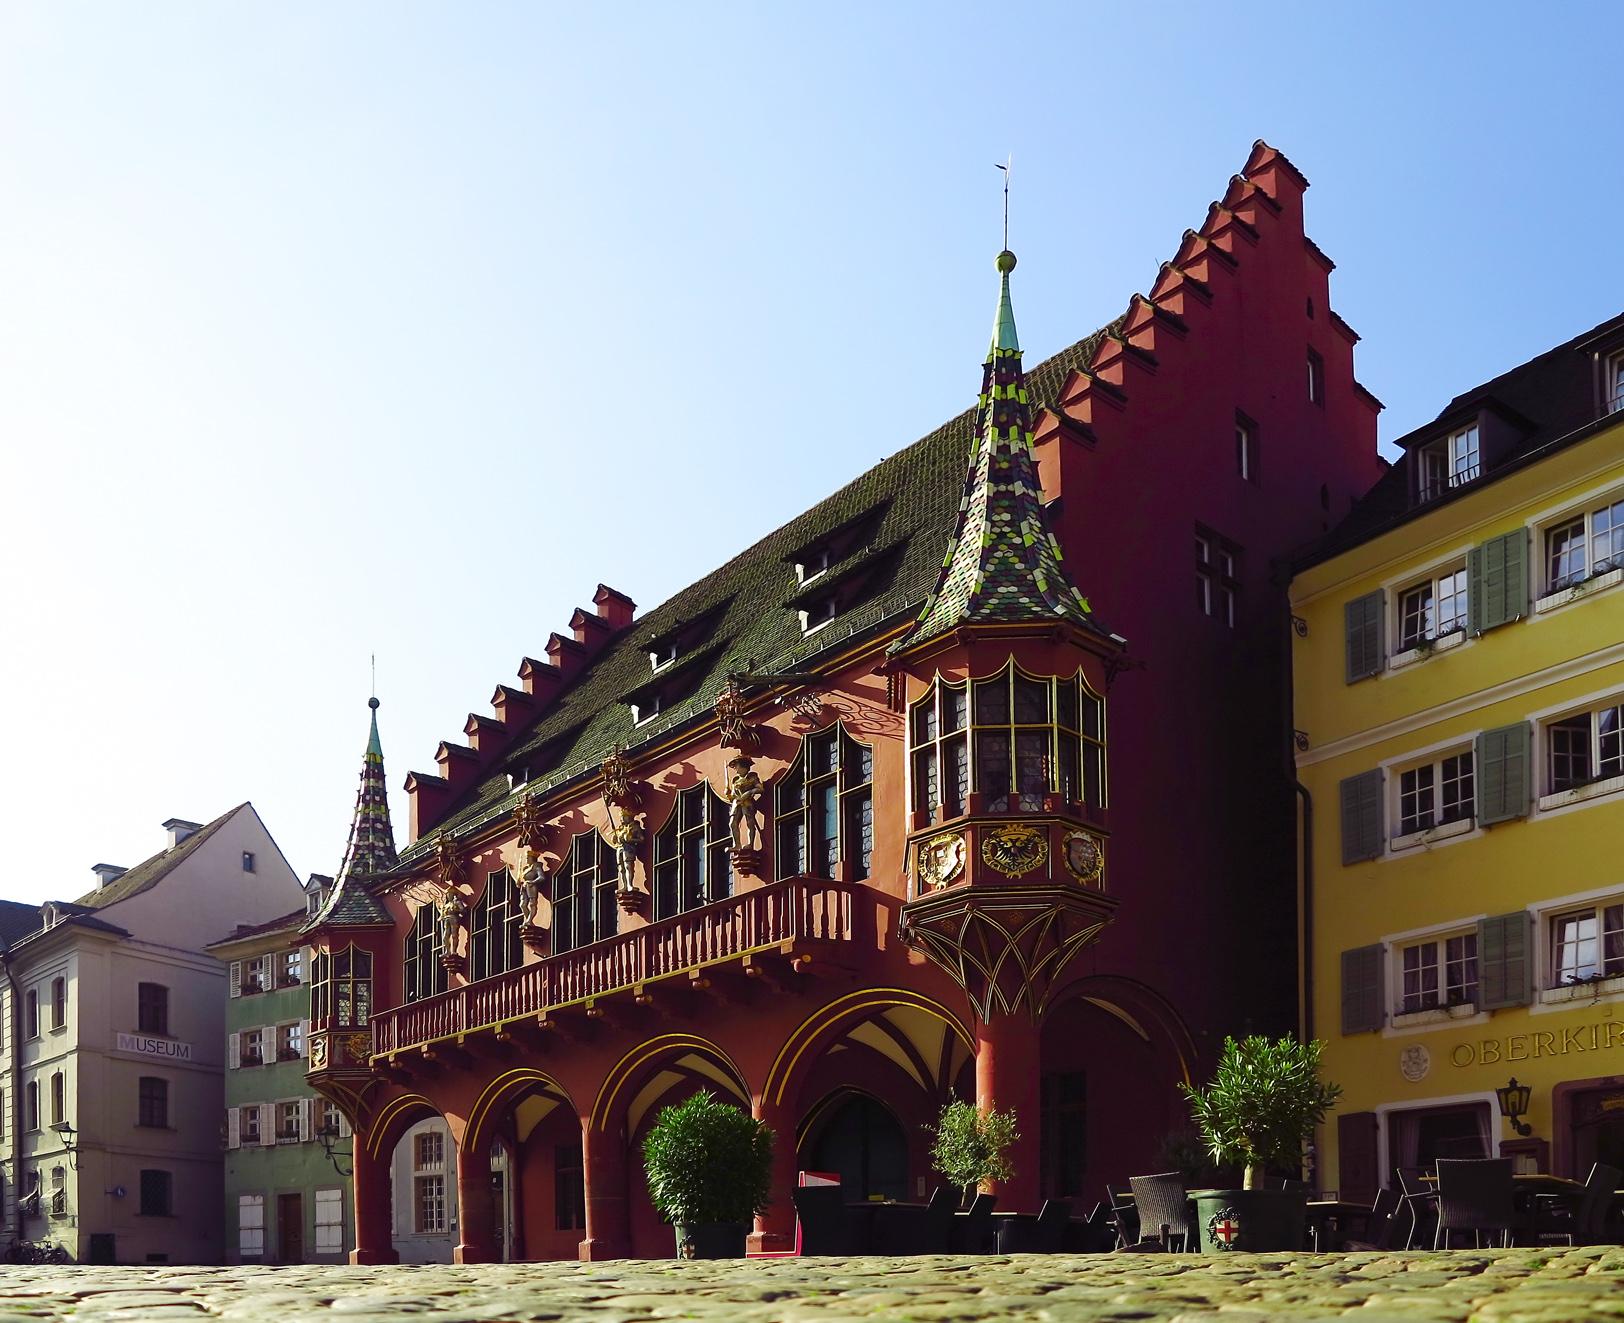 _Historisches_Kaufhaus_2012__44